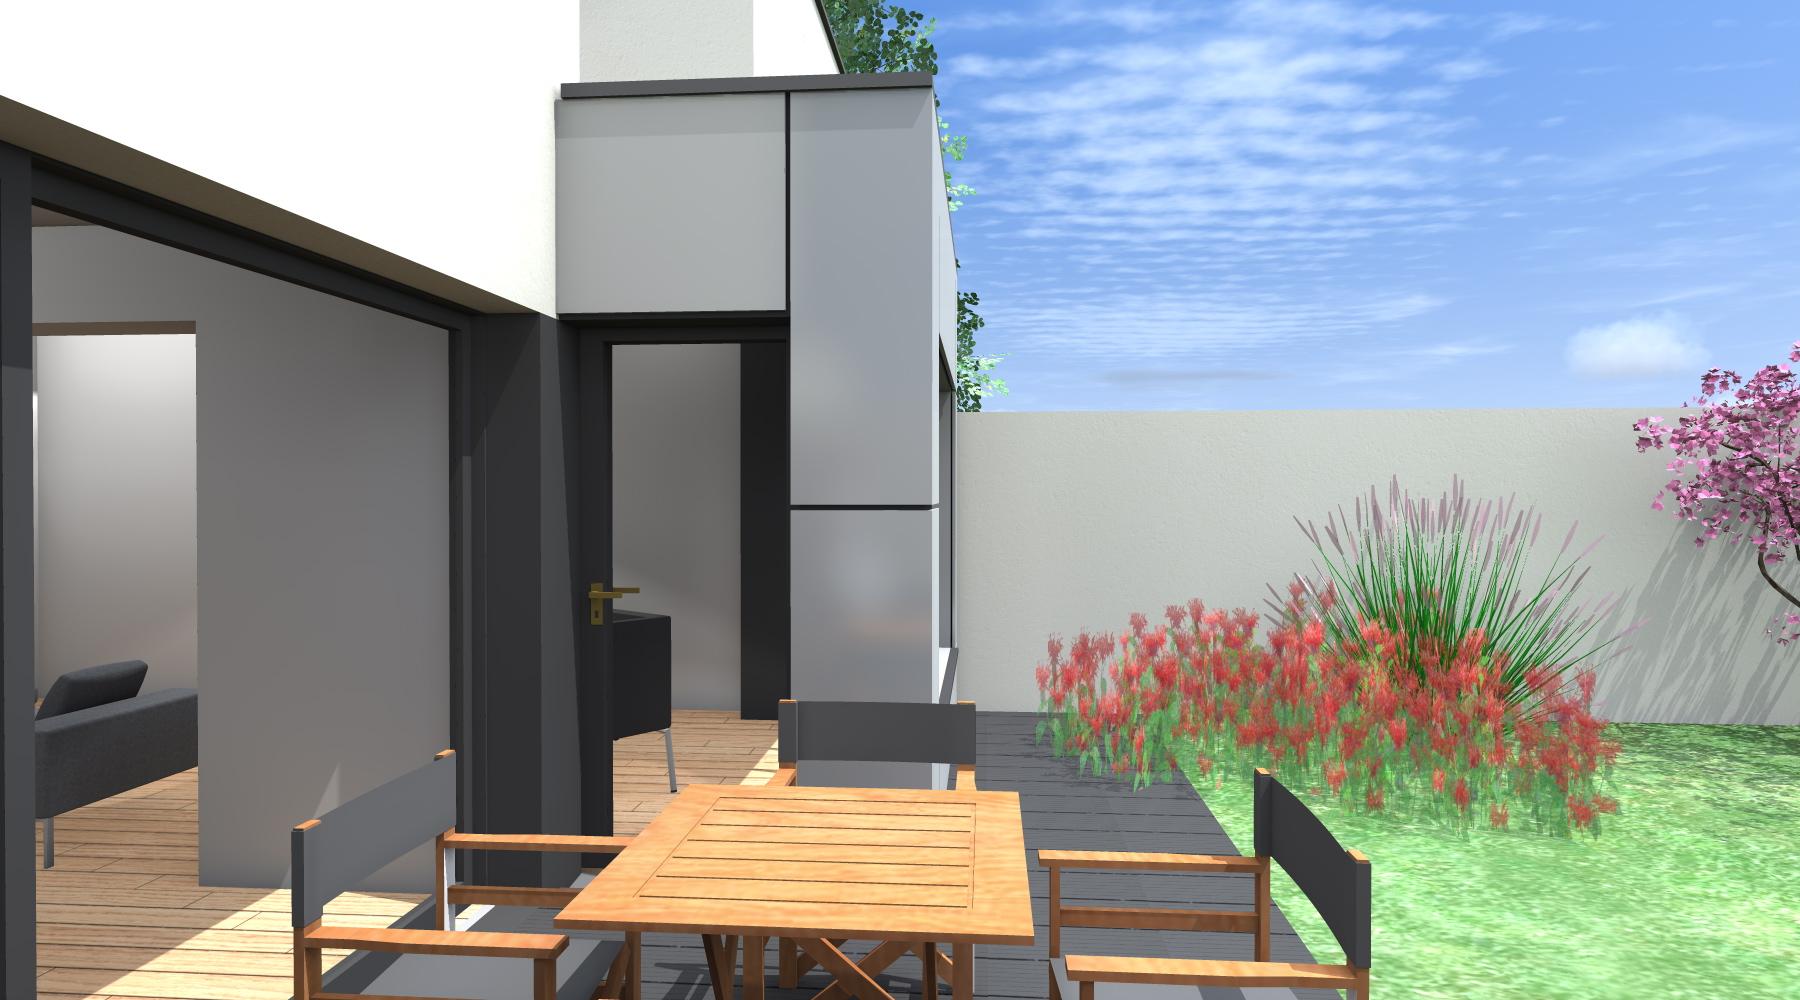 extension d 39 une maison noyal sur vilaine 35 agence 2 2 vues. Black Bedroom Furniture Sets. Home Design Ideas